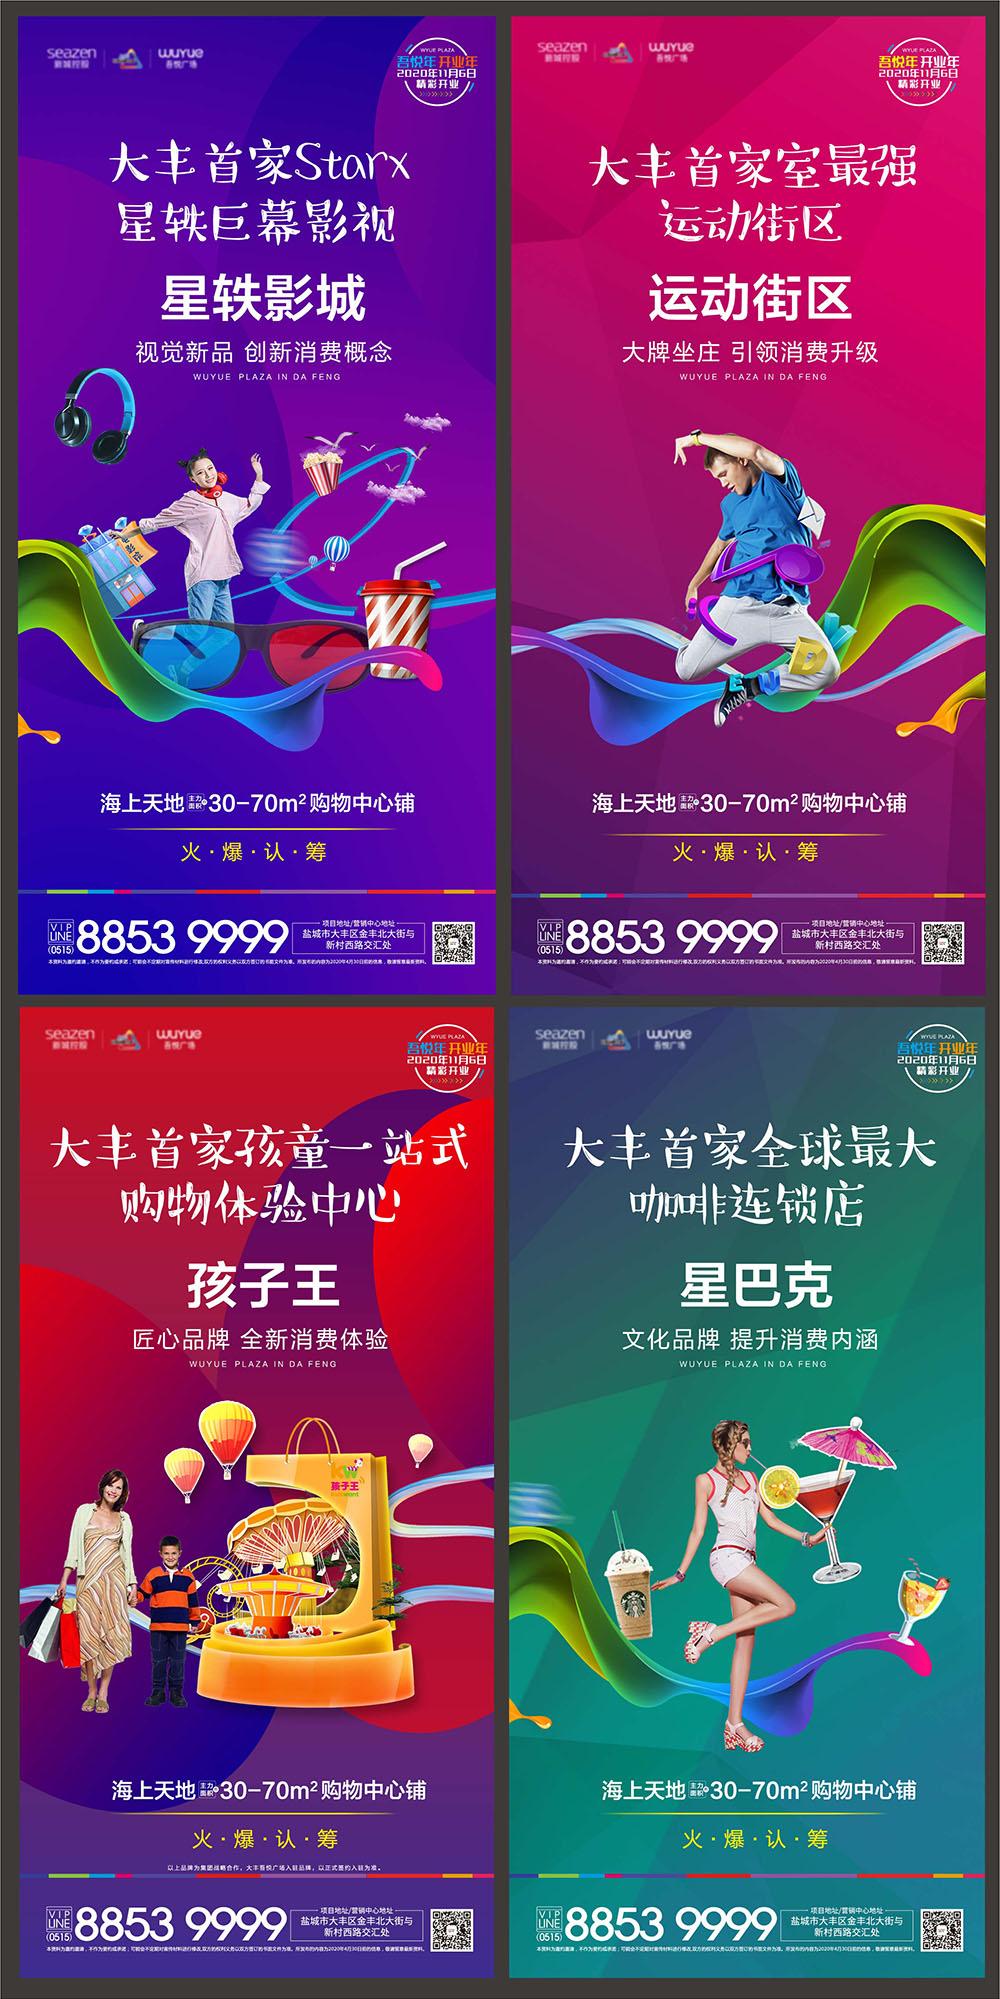 地产品牌入驻商业商铺配套系列海报 AI源文件插图